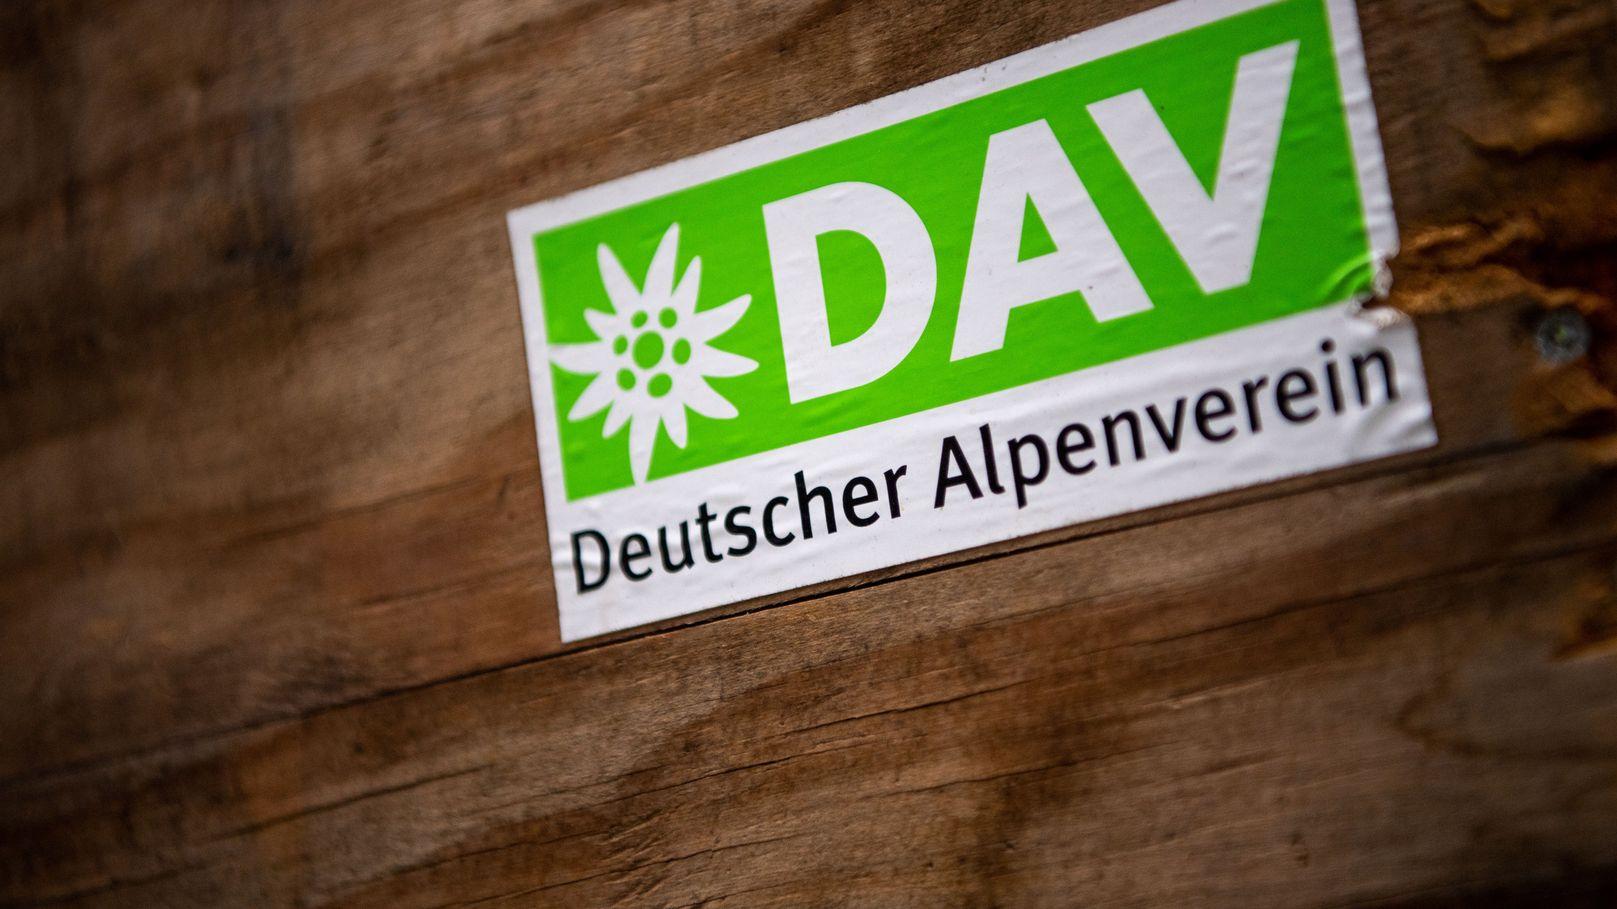 Das Logo des Deutschen Alpenvereins (DAV)